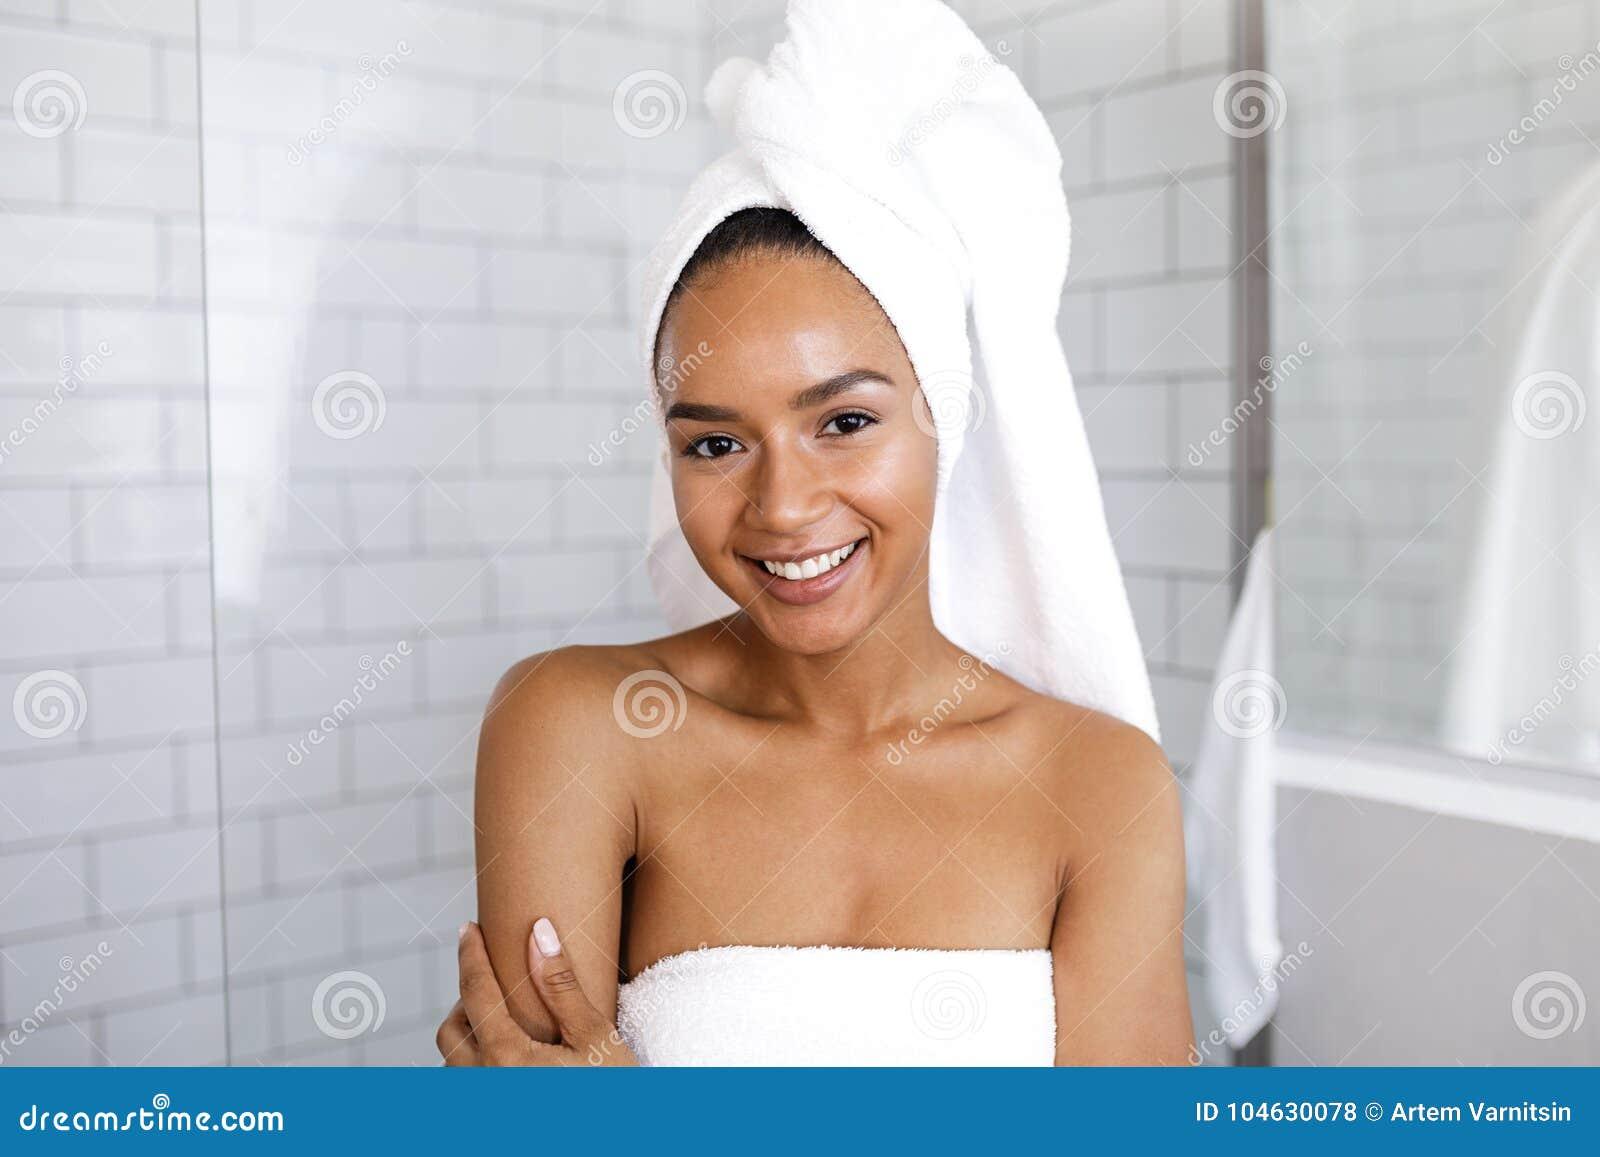 Download Portret Van Een Aantrekkelijke Jonge Vrouw In Haar Badkamers Stock Foto - Afbeelding bestaande uit looking, haar: 104630078